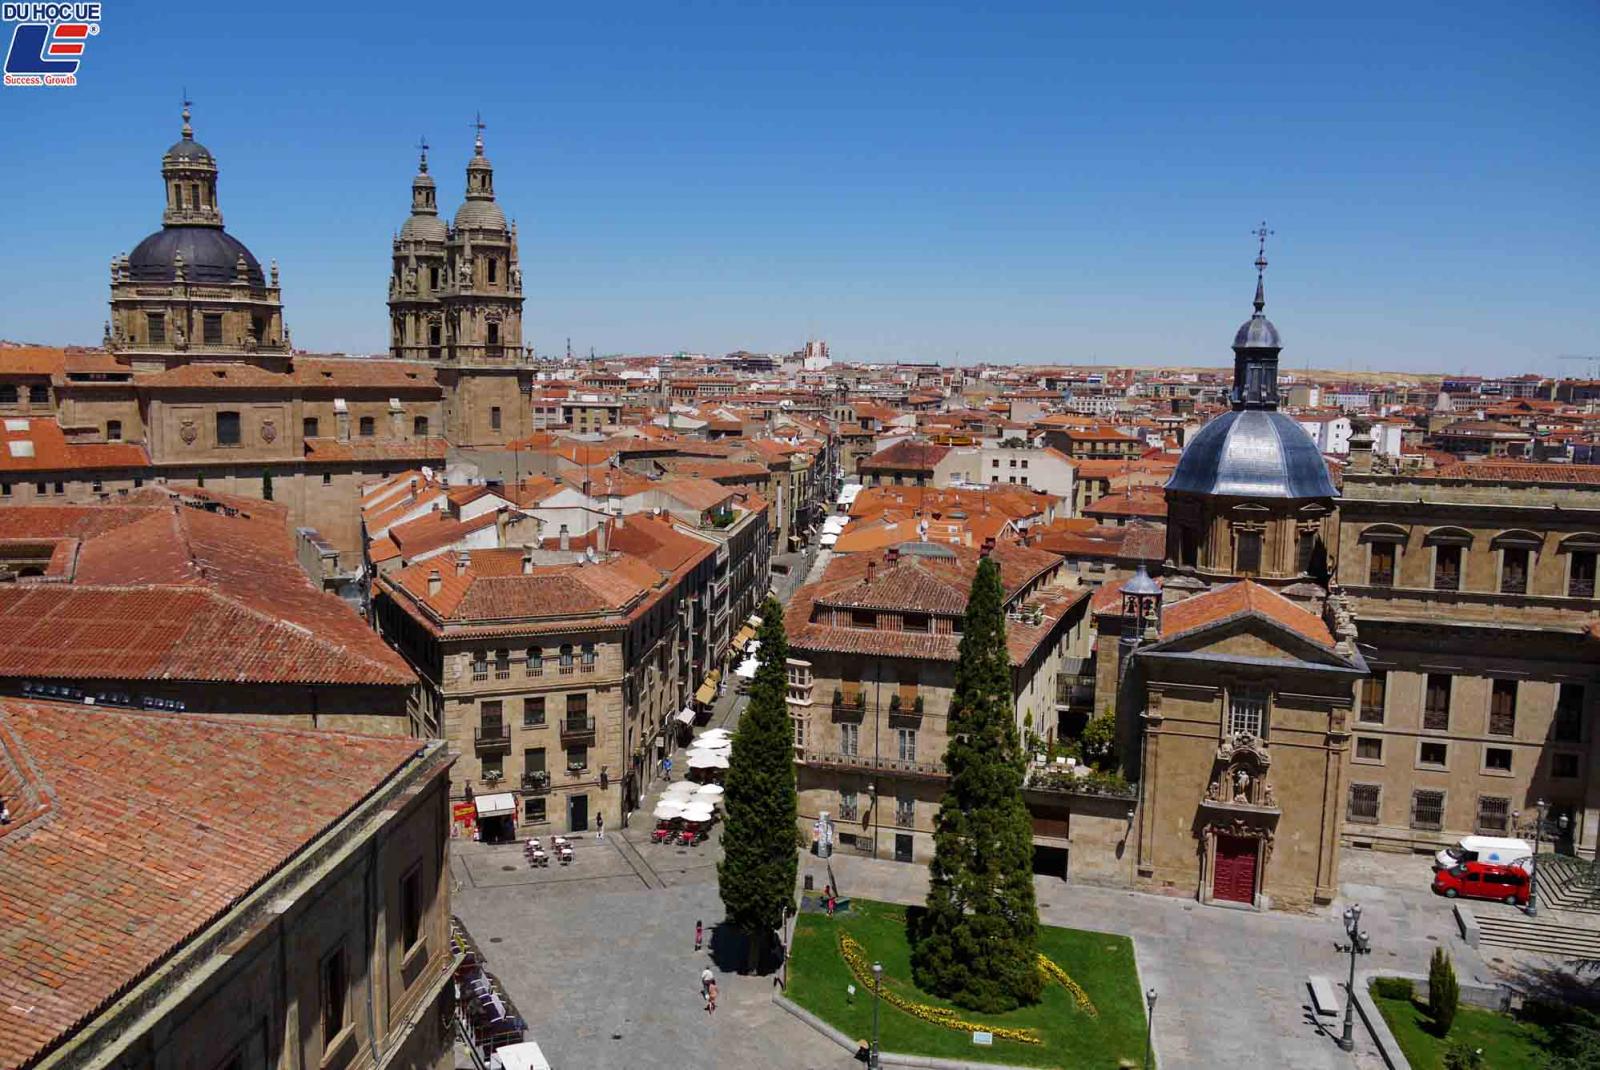 10 trường đại học tráng lệ nhất châu Âu 2